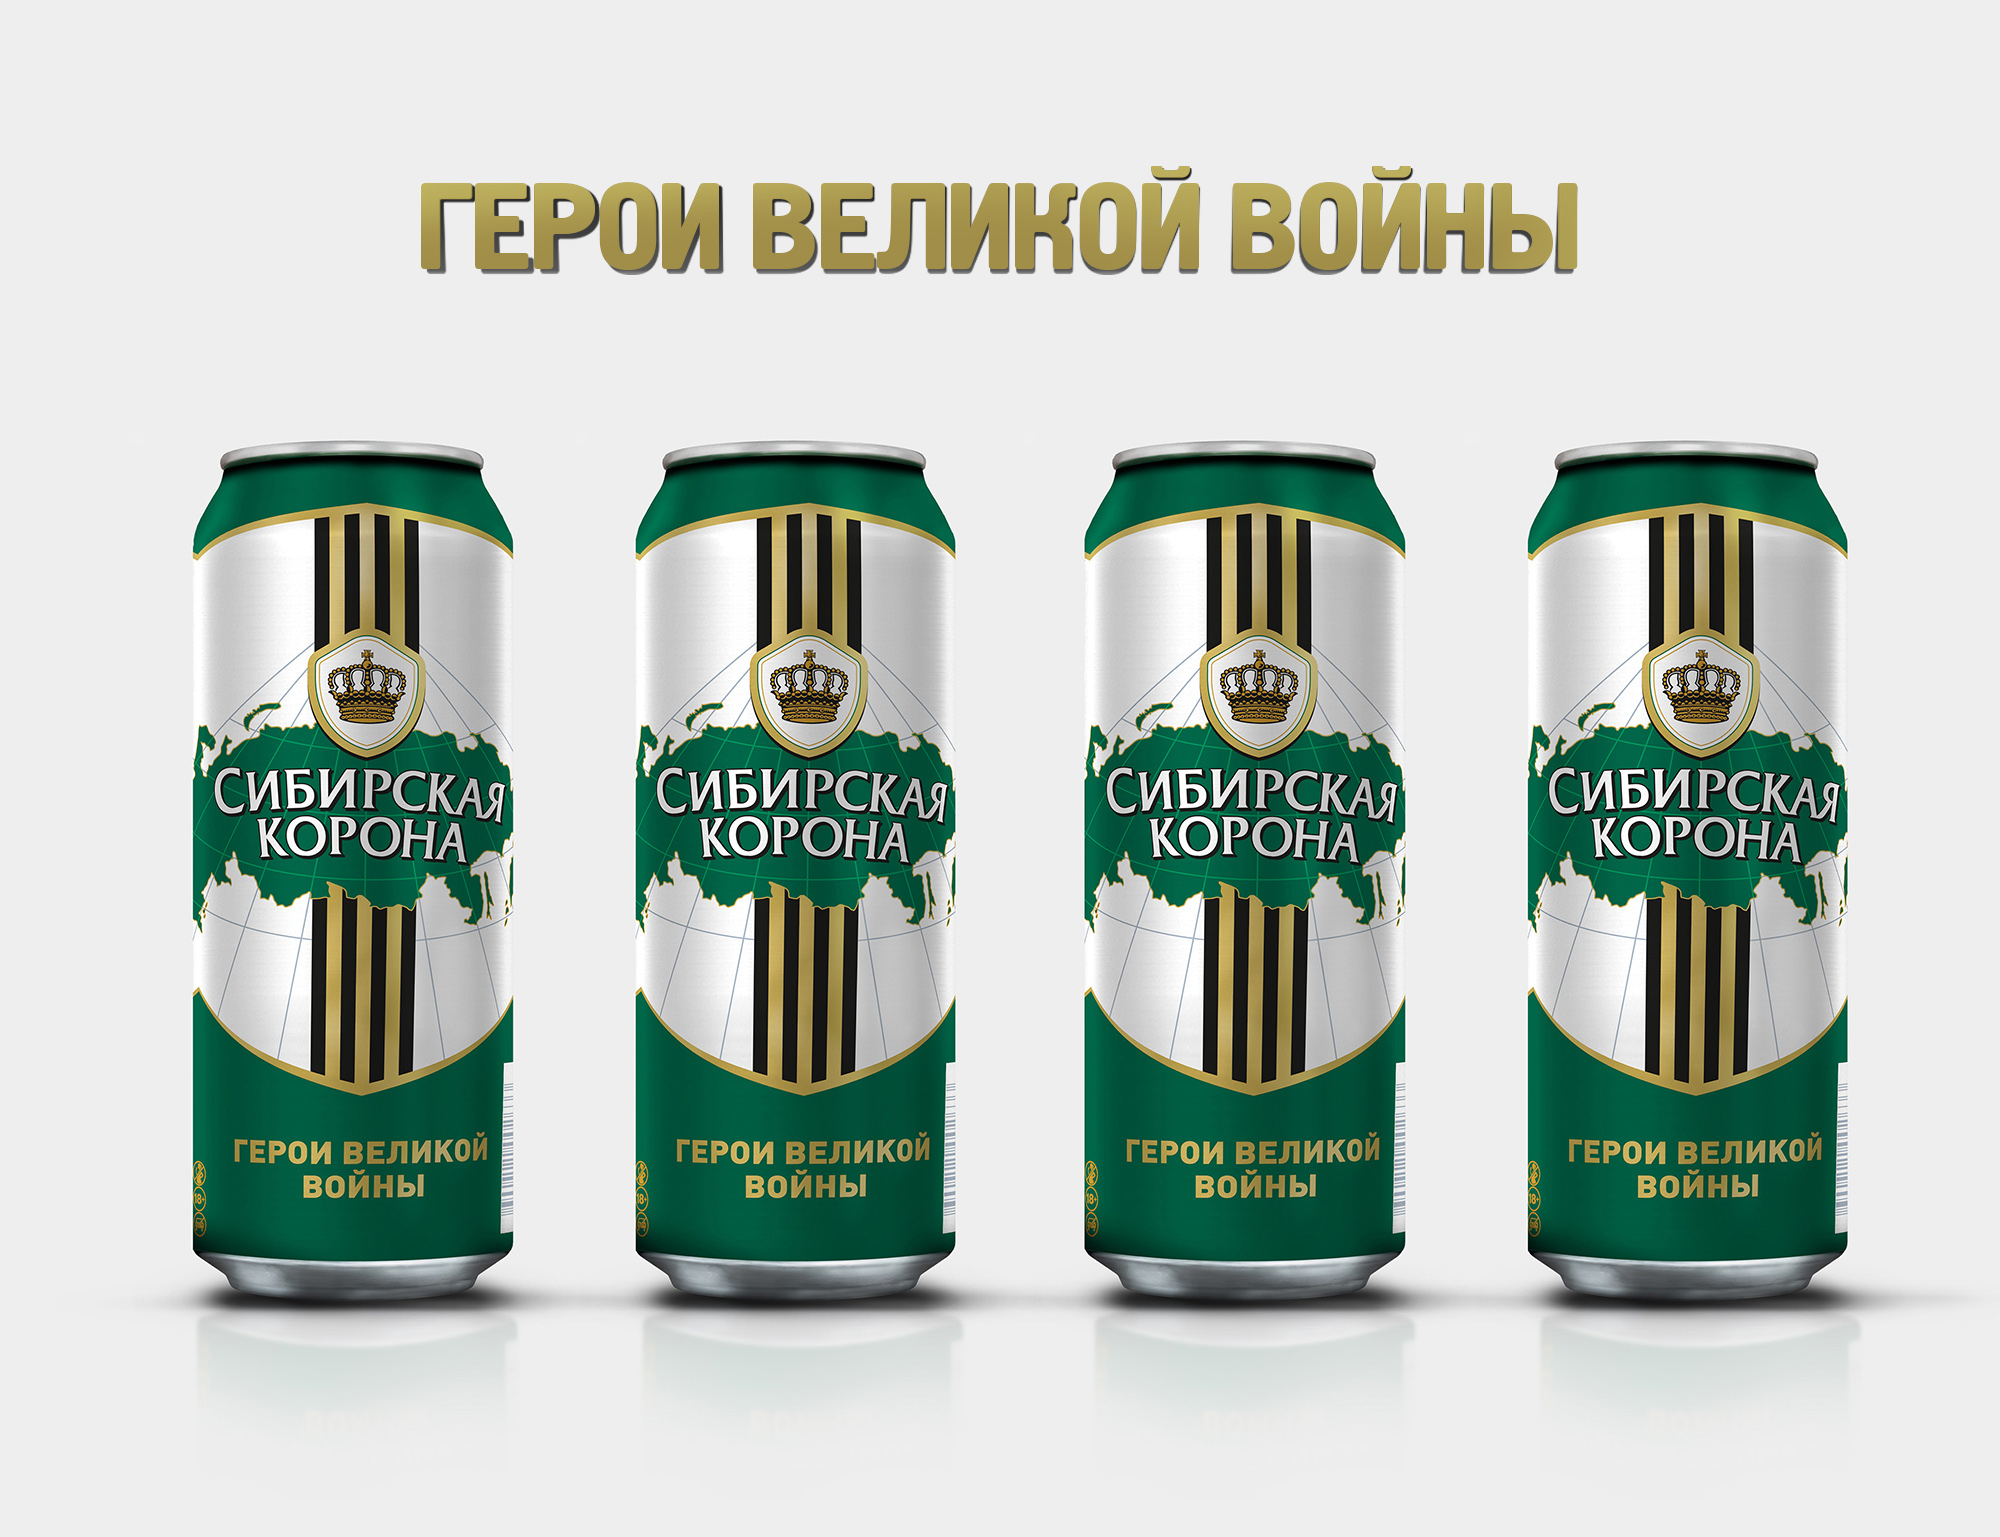 Siberian%20Crown%20Heroes4.jpg?rand=0.16561737148255695